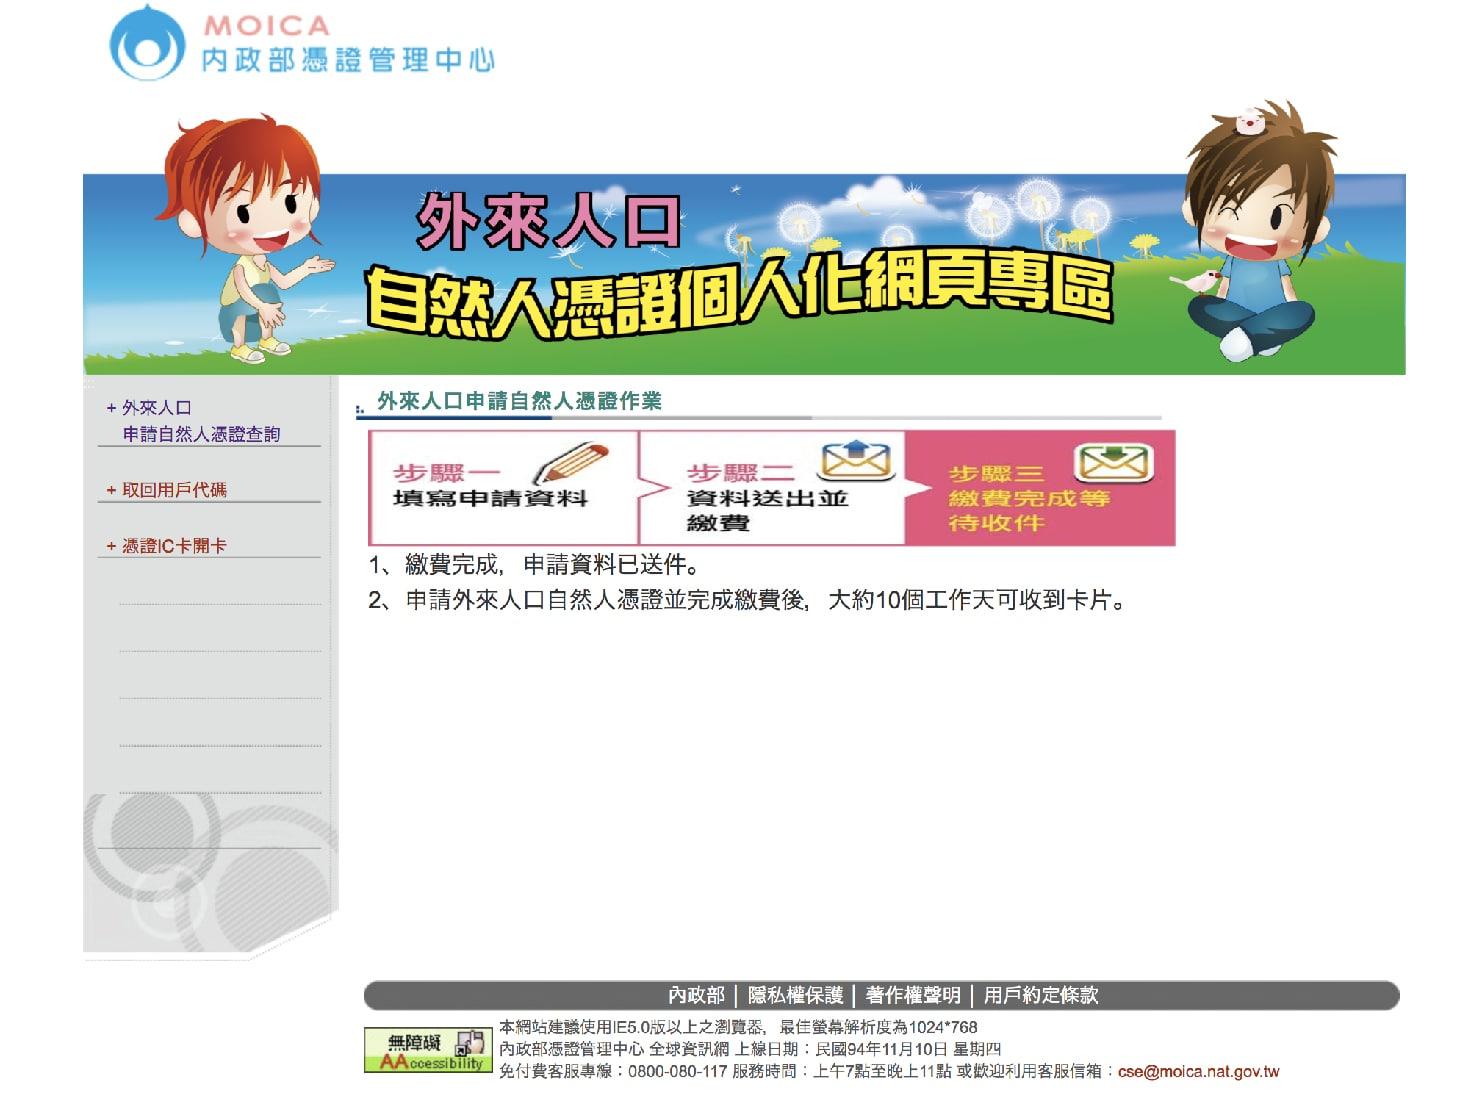 台湾のデジタル身分証明書「自然人憑證」のオンライン手続きの仕方_4